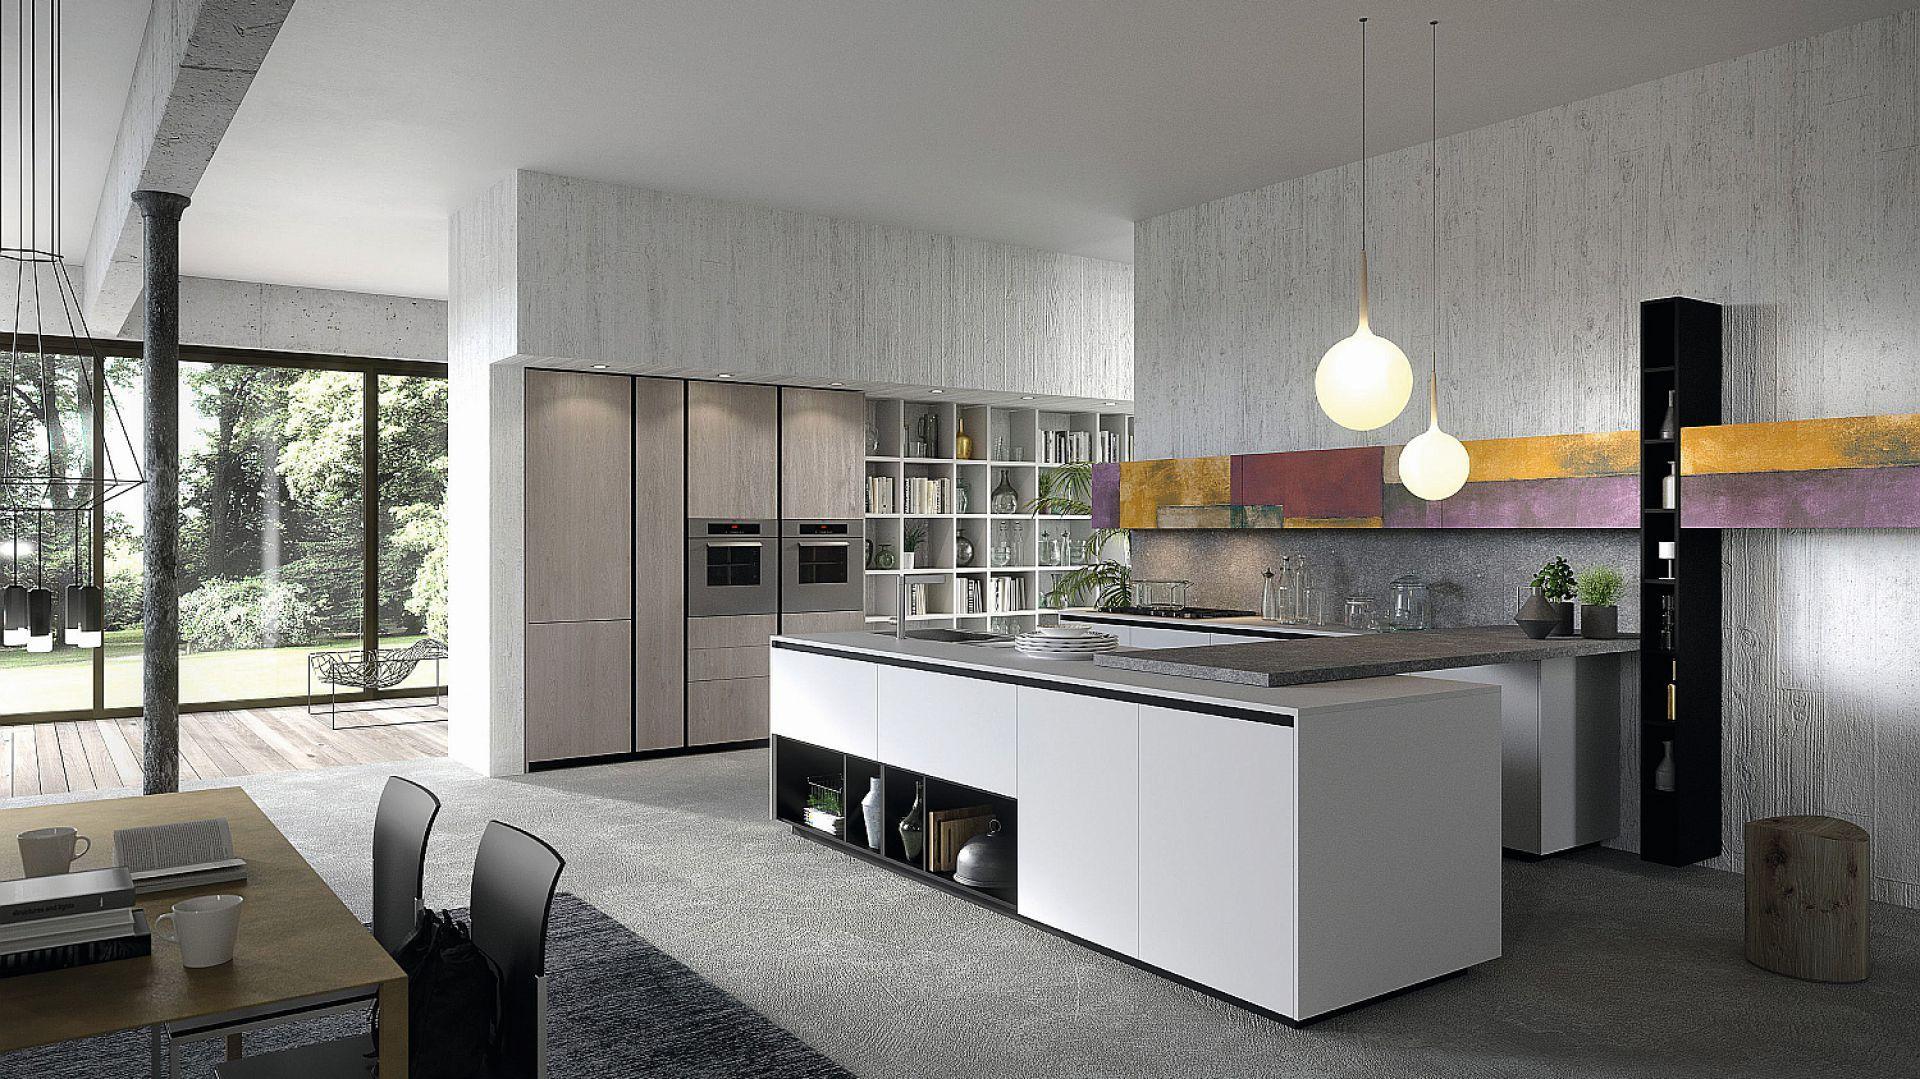 Wygodna Kuchnia 12 Pieknych Inspiracji Home Decor Kitchen Home